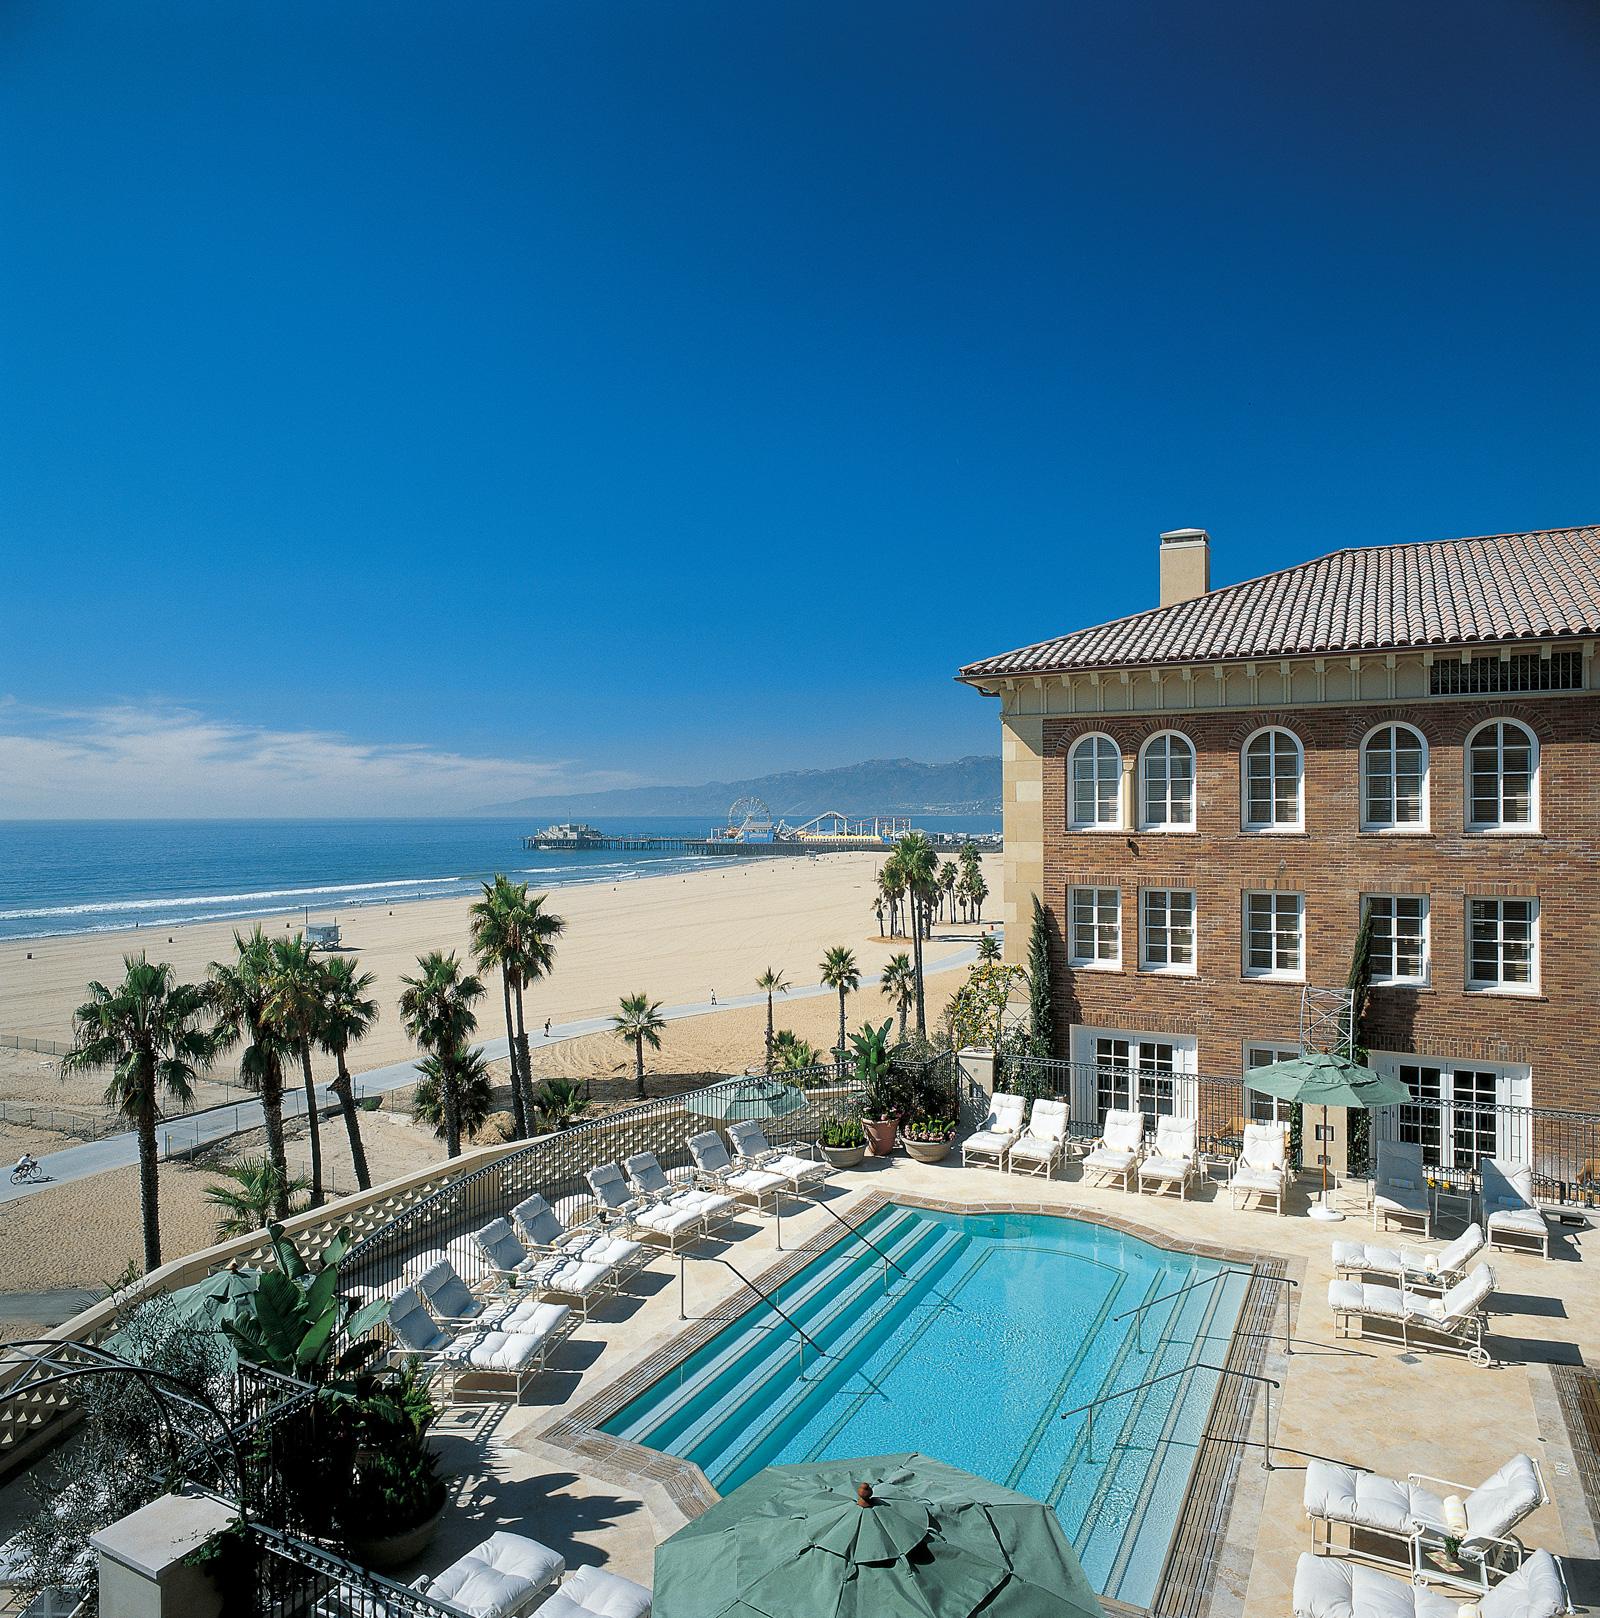 Hotel Casa Del Mar in Santa Monica